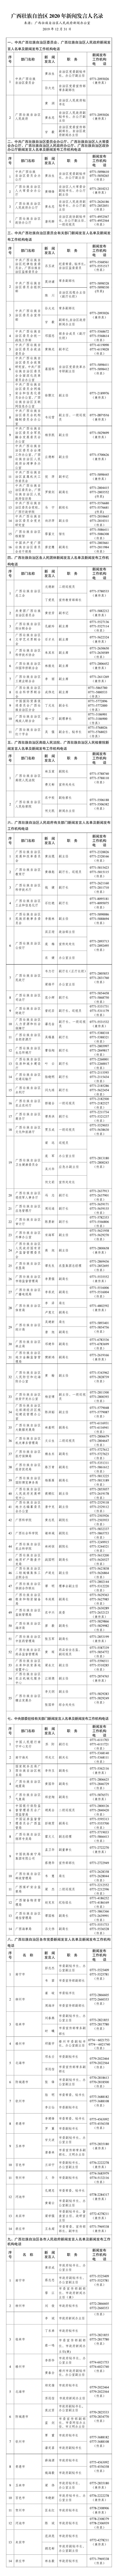 廣西壯族自治區2020年新聞發言人